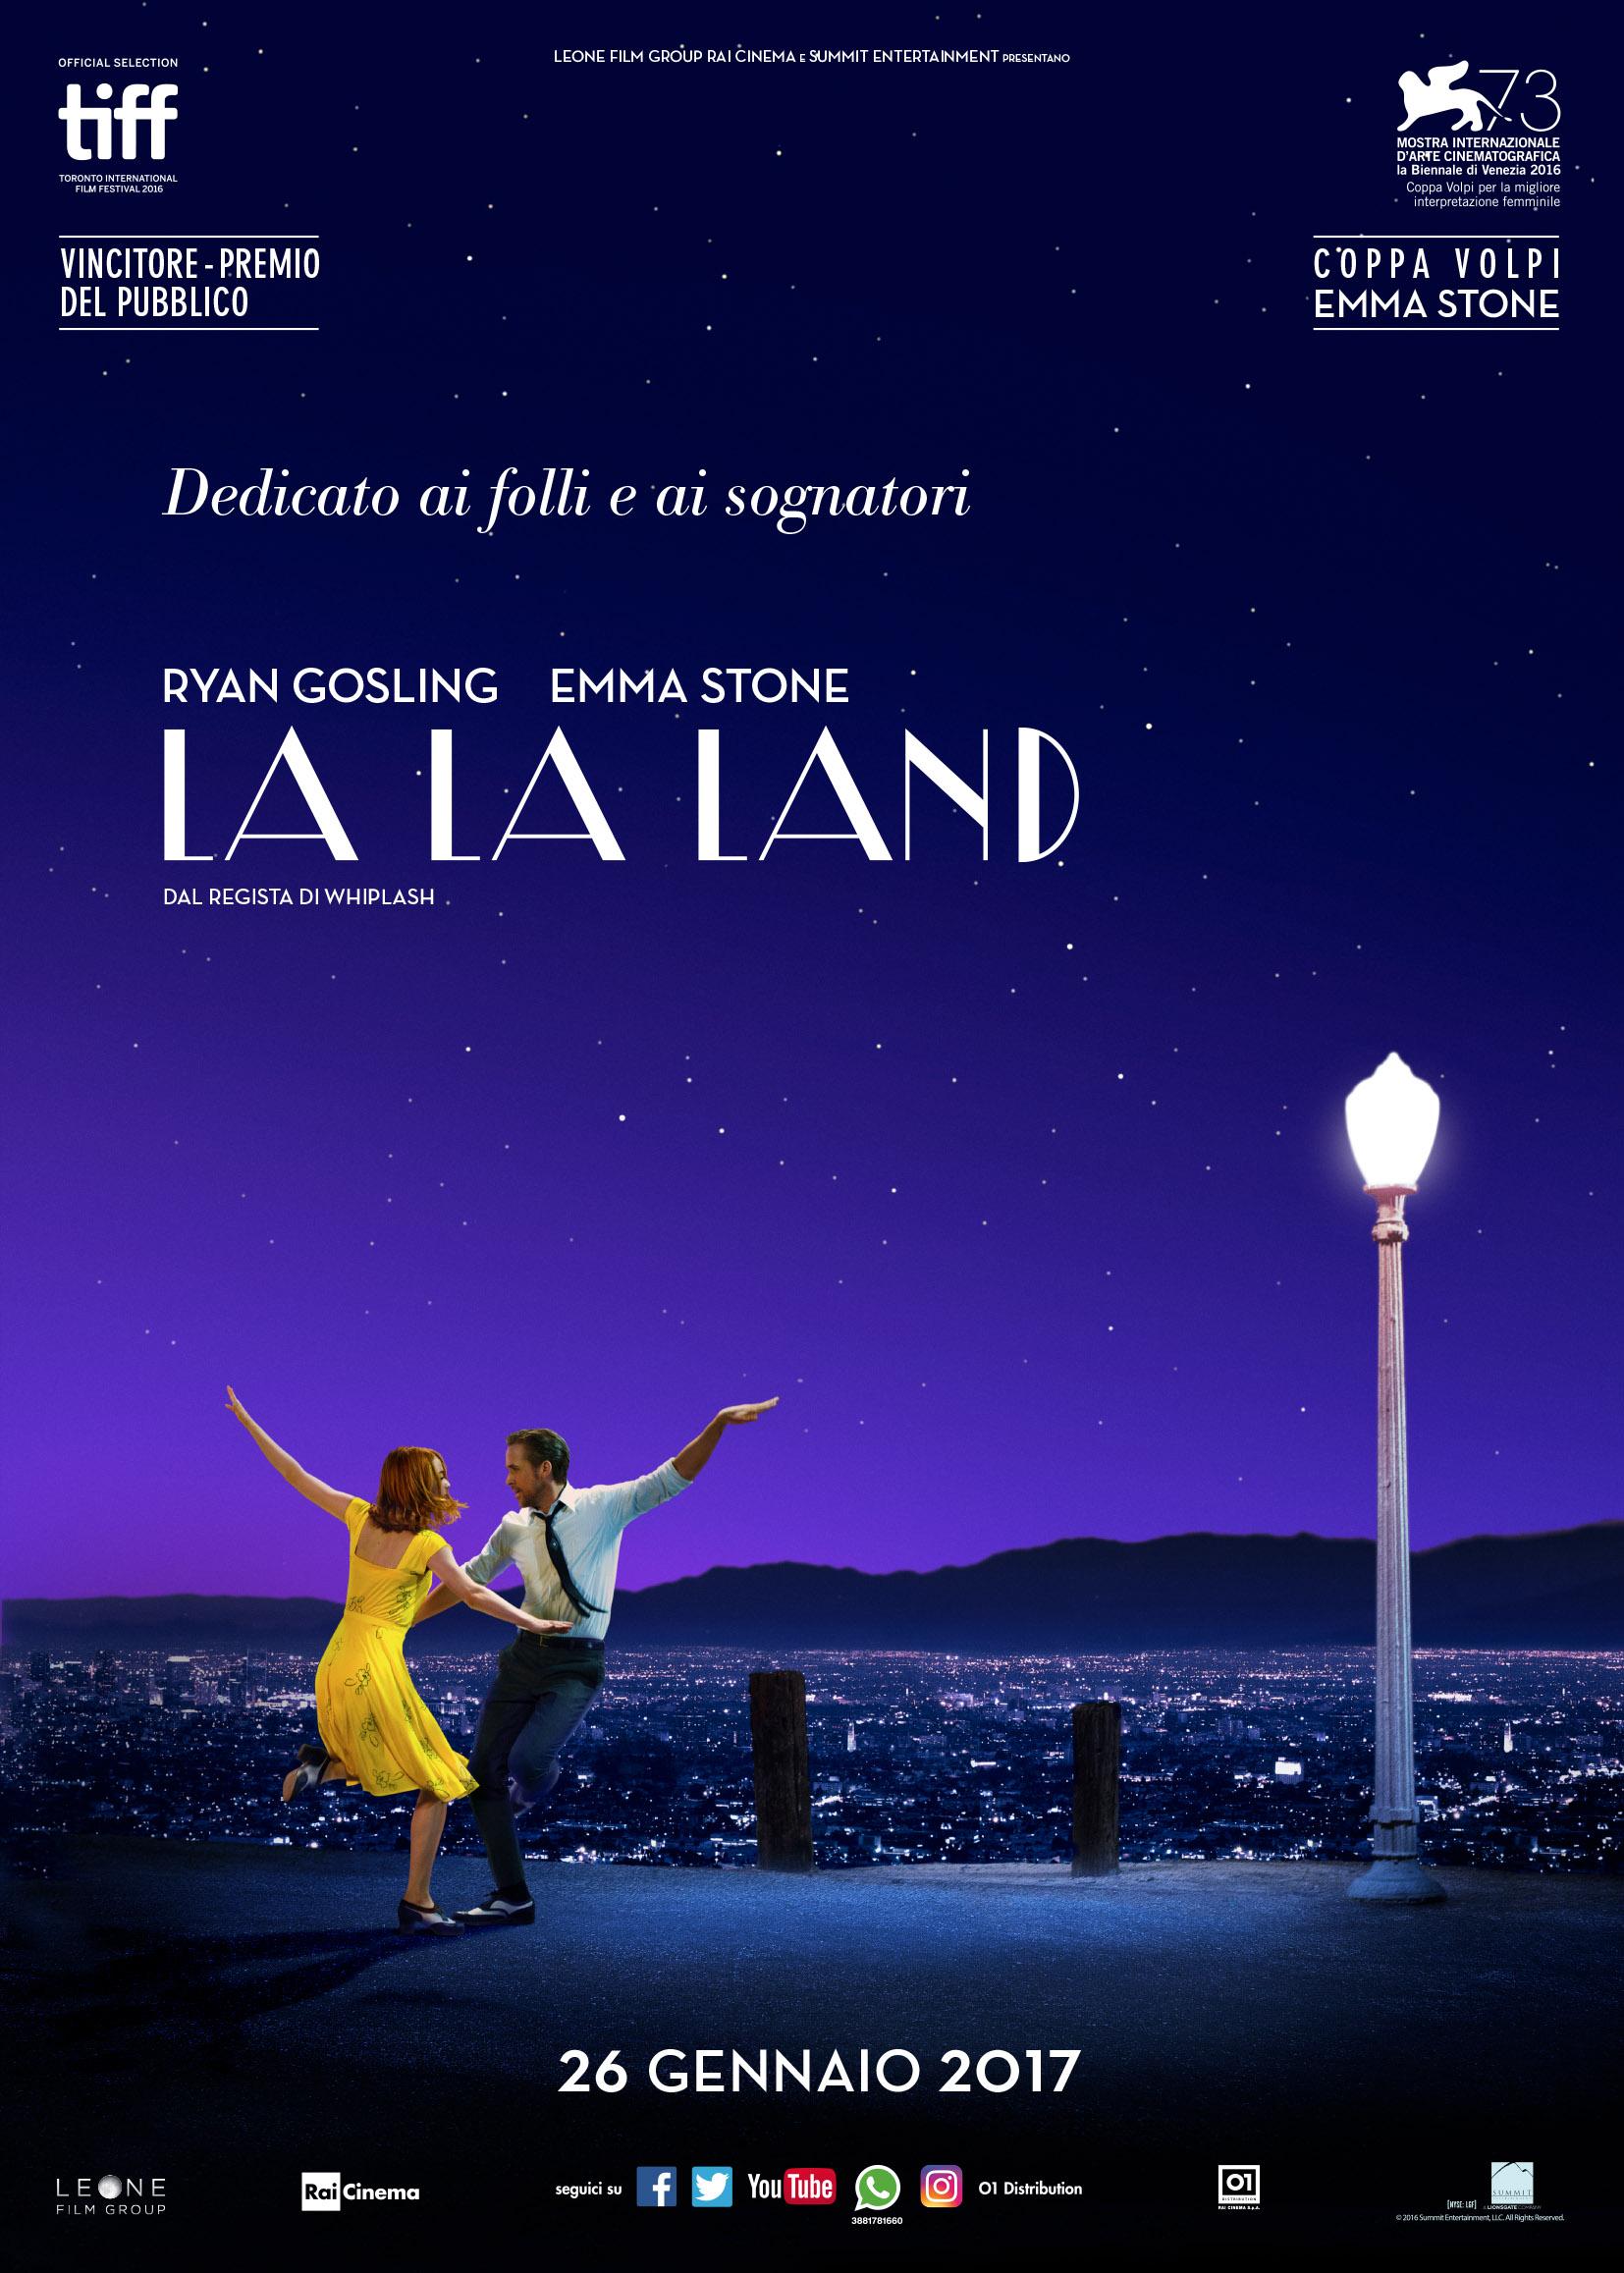 Trailer e poster italiani di La La Land, il film di Damien Chazelle in uscita il 26 gennaio